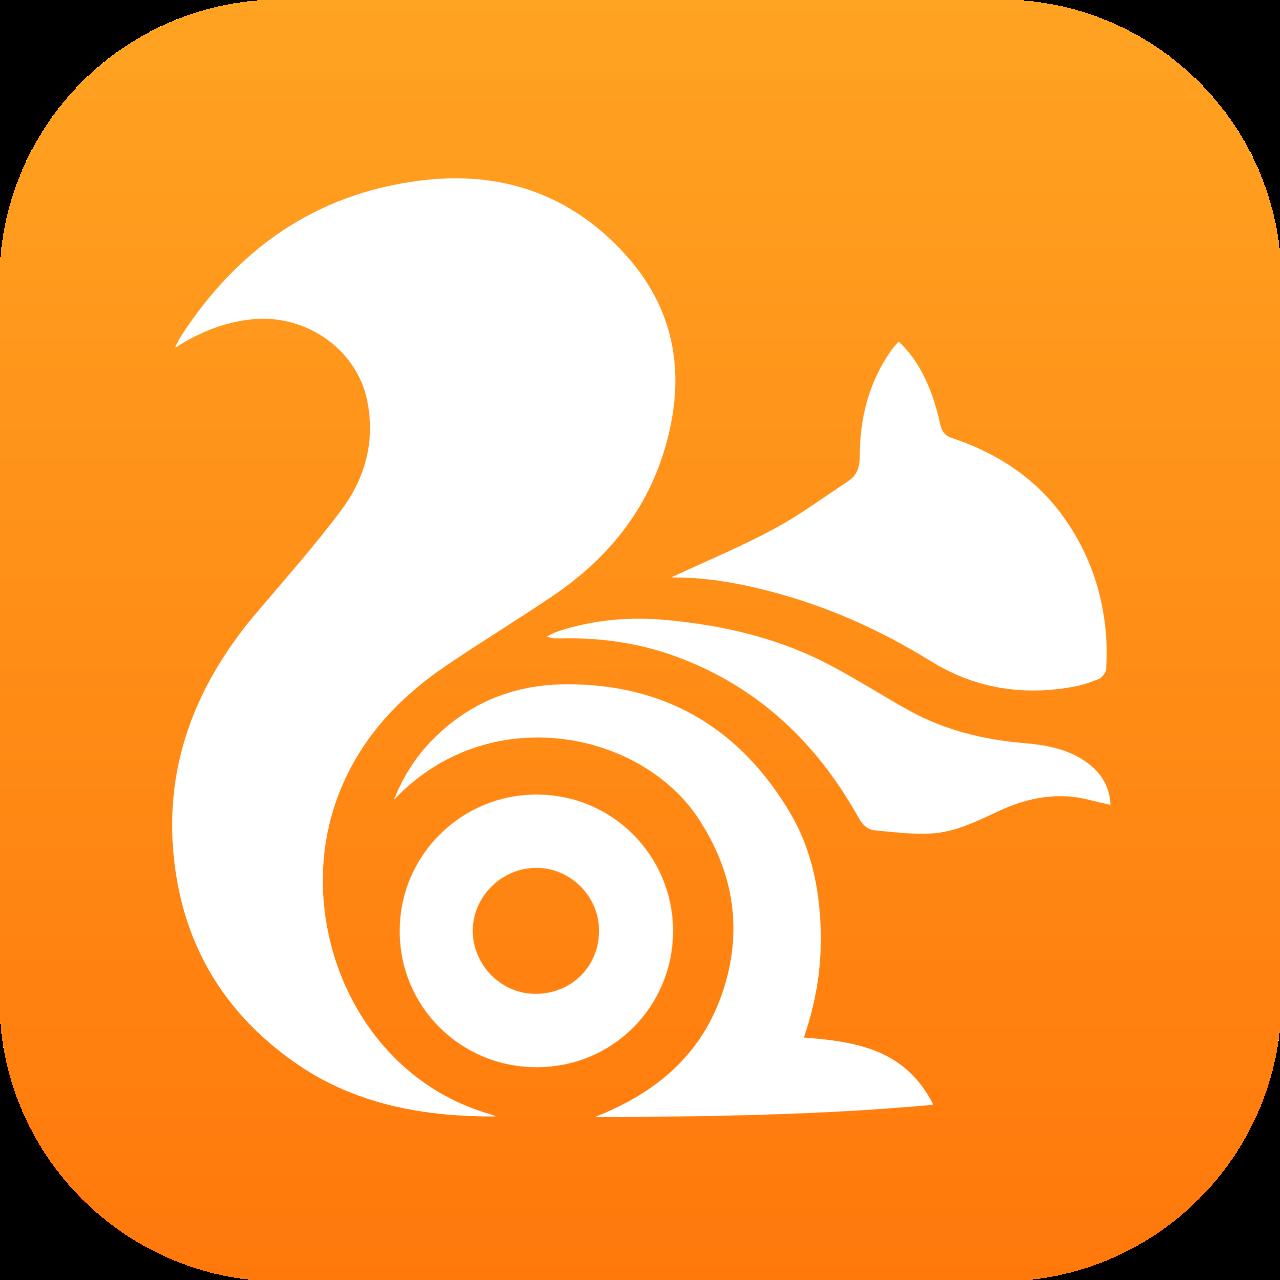 скачать приложение браузер белка на андроид бесплатно - фото 3